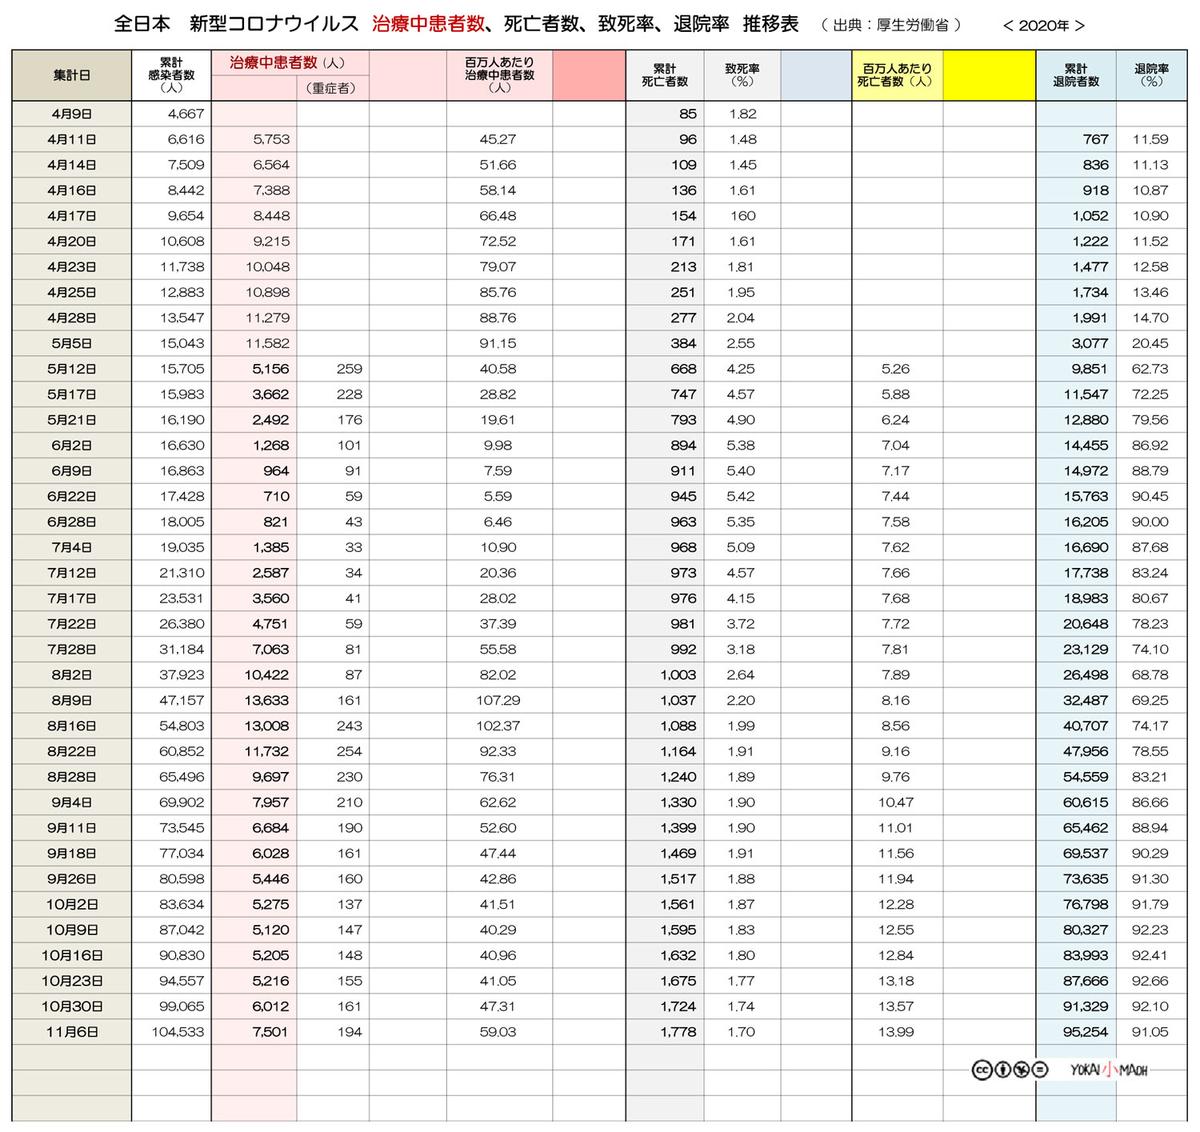 f:id:youkaidaimaou:20201107230612j:plain